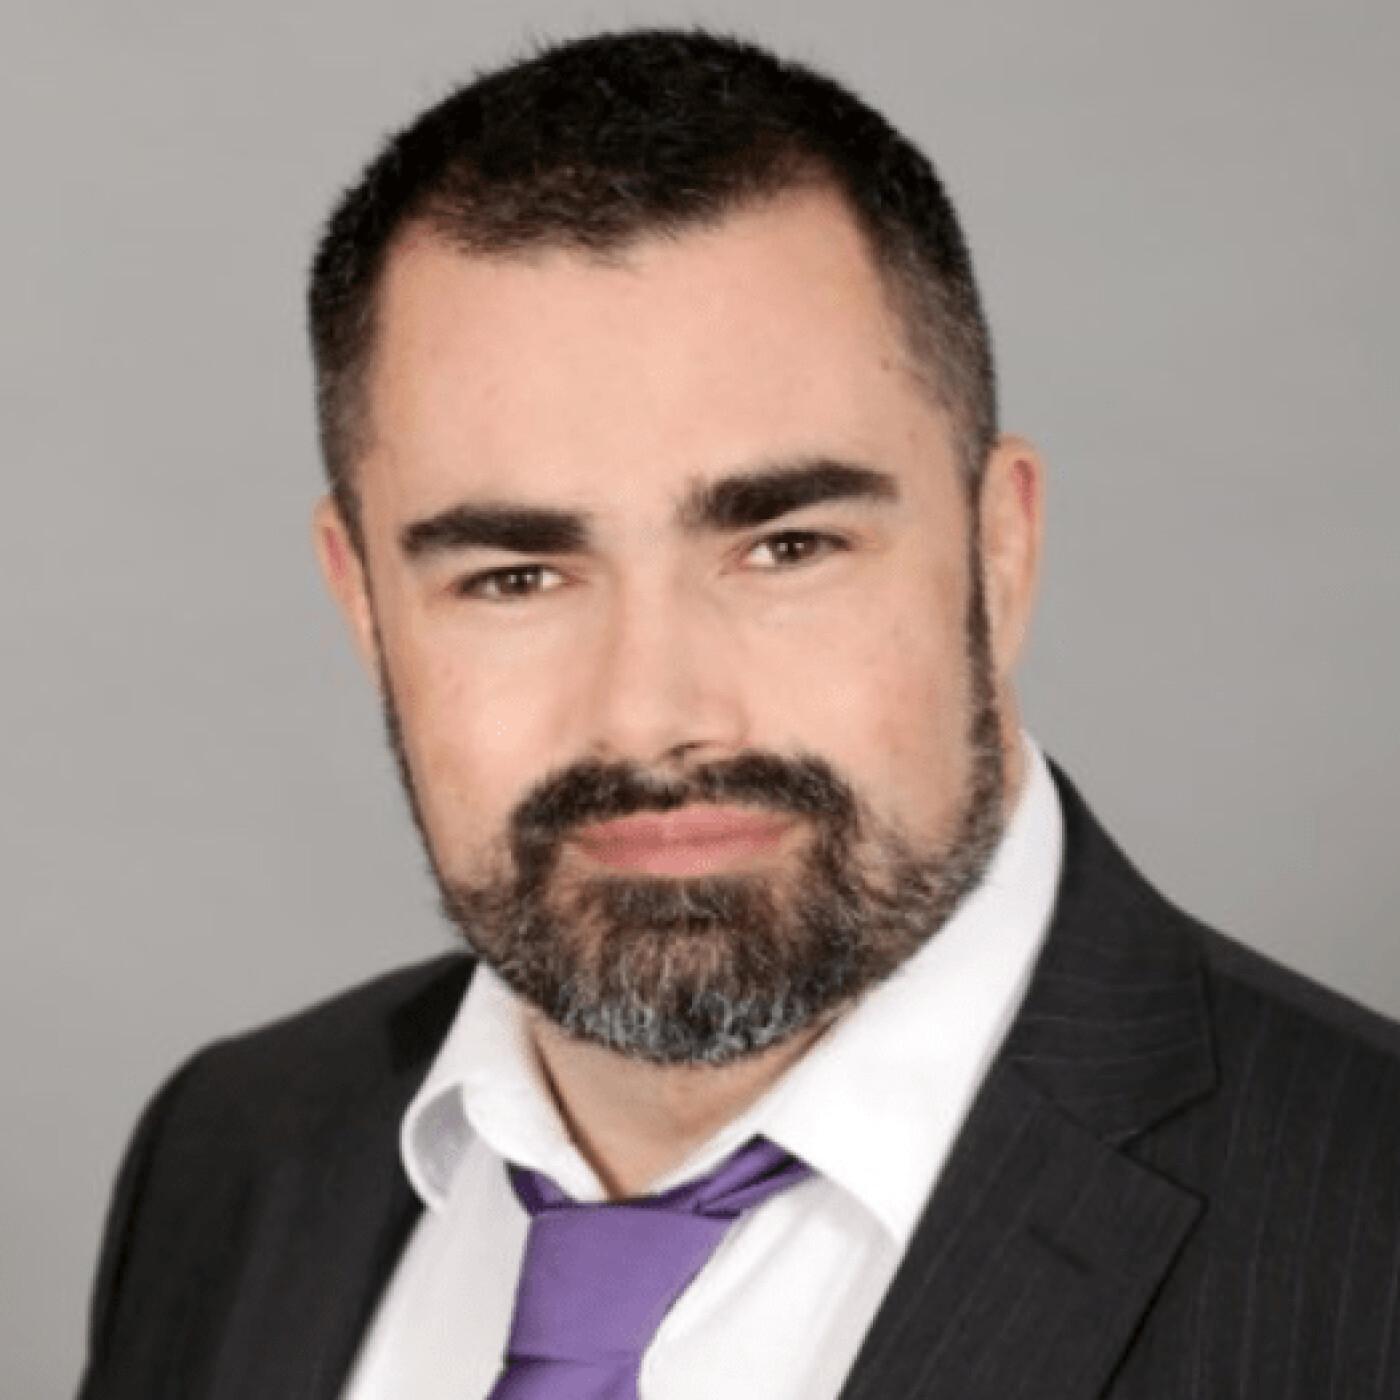 Lilian Largier est candidat aux elections consulaires au Quebec - 18 05 2021 - StereoChic Radio